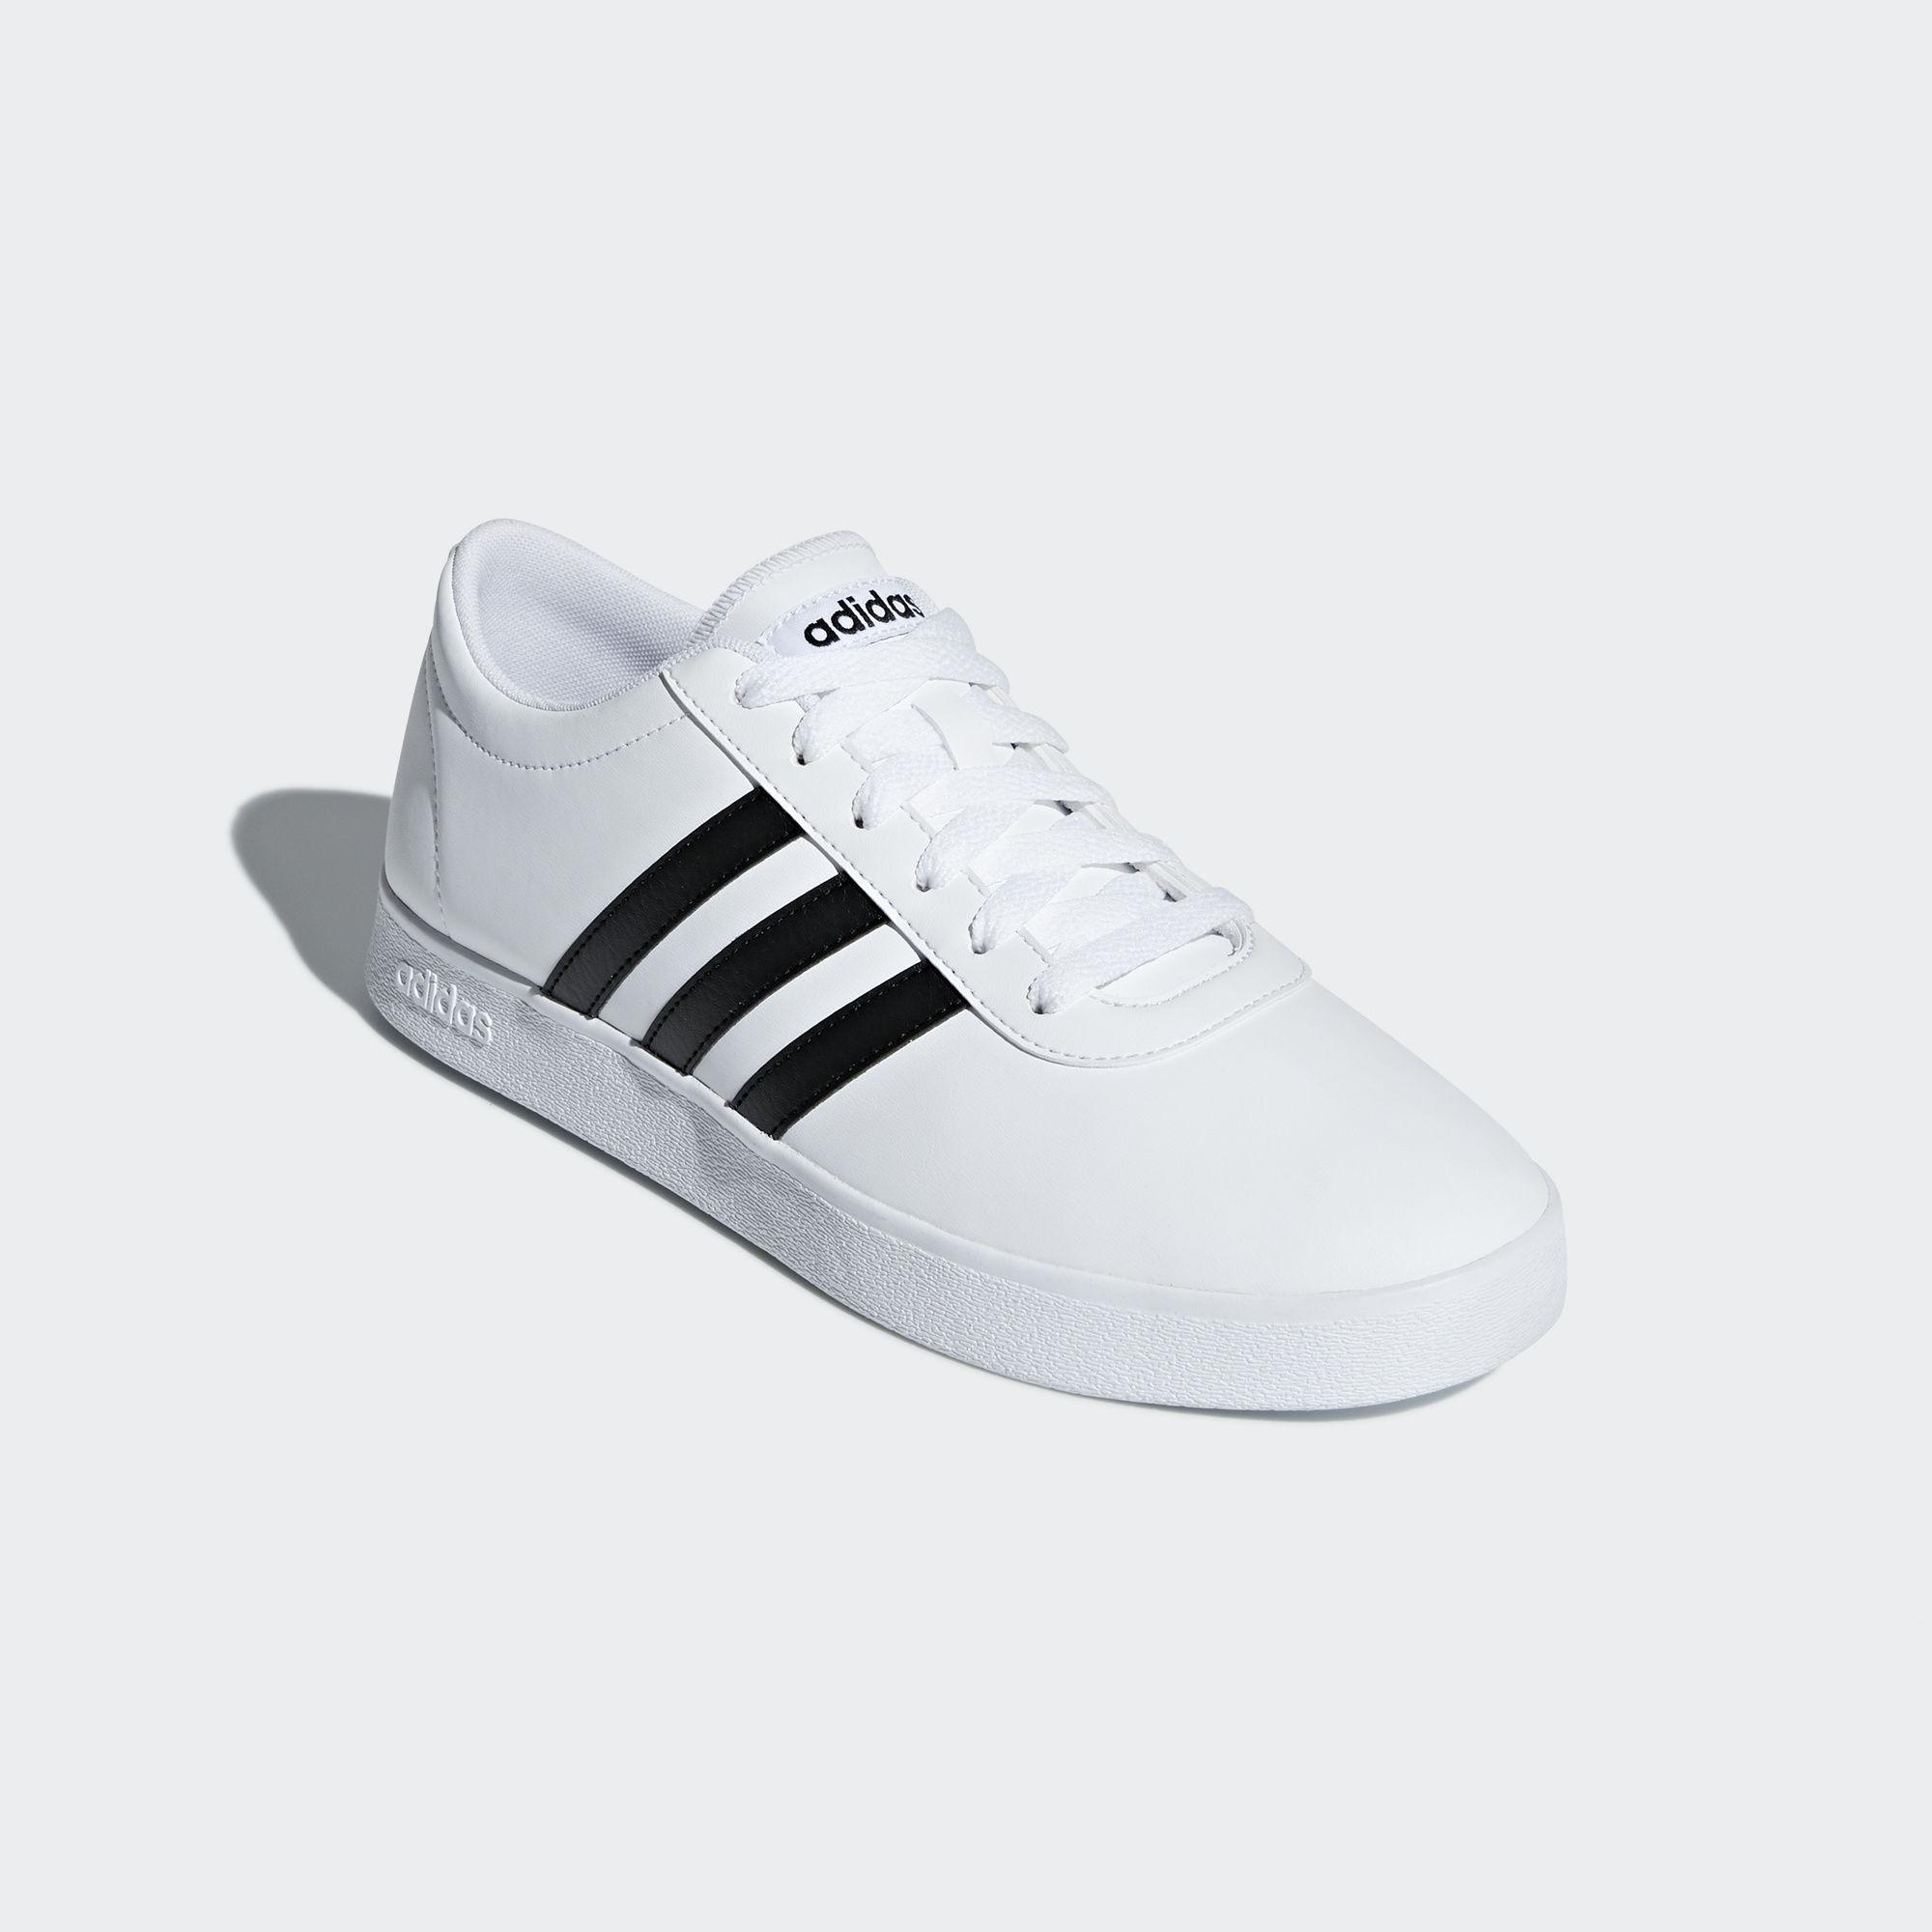 Adidas Turnschuhe Herren Ftwr Weiß    Core schwarz    Ftwr Weiß im Online Shop von SportScheck kaufen Gute Qualität beliebte Schuhe cae8cc